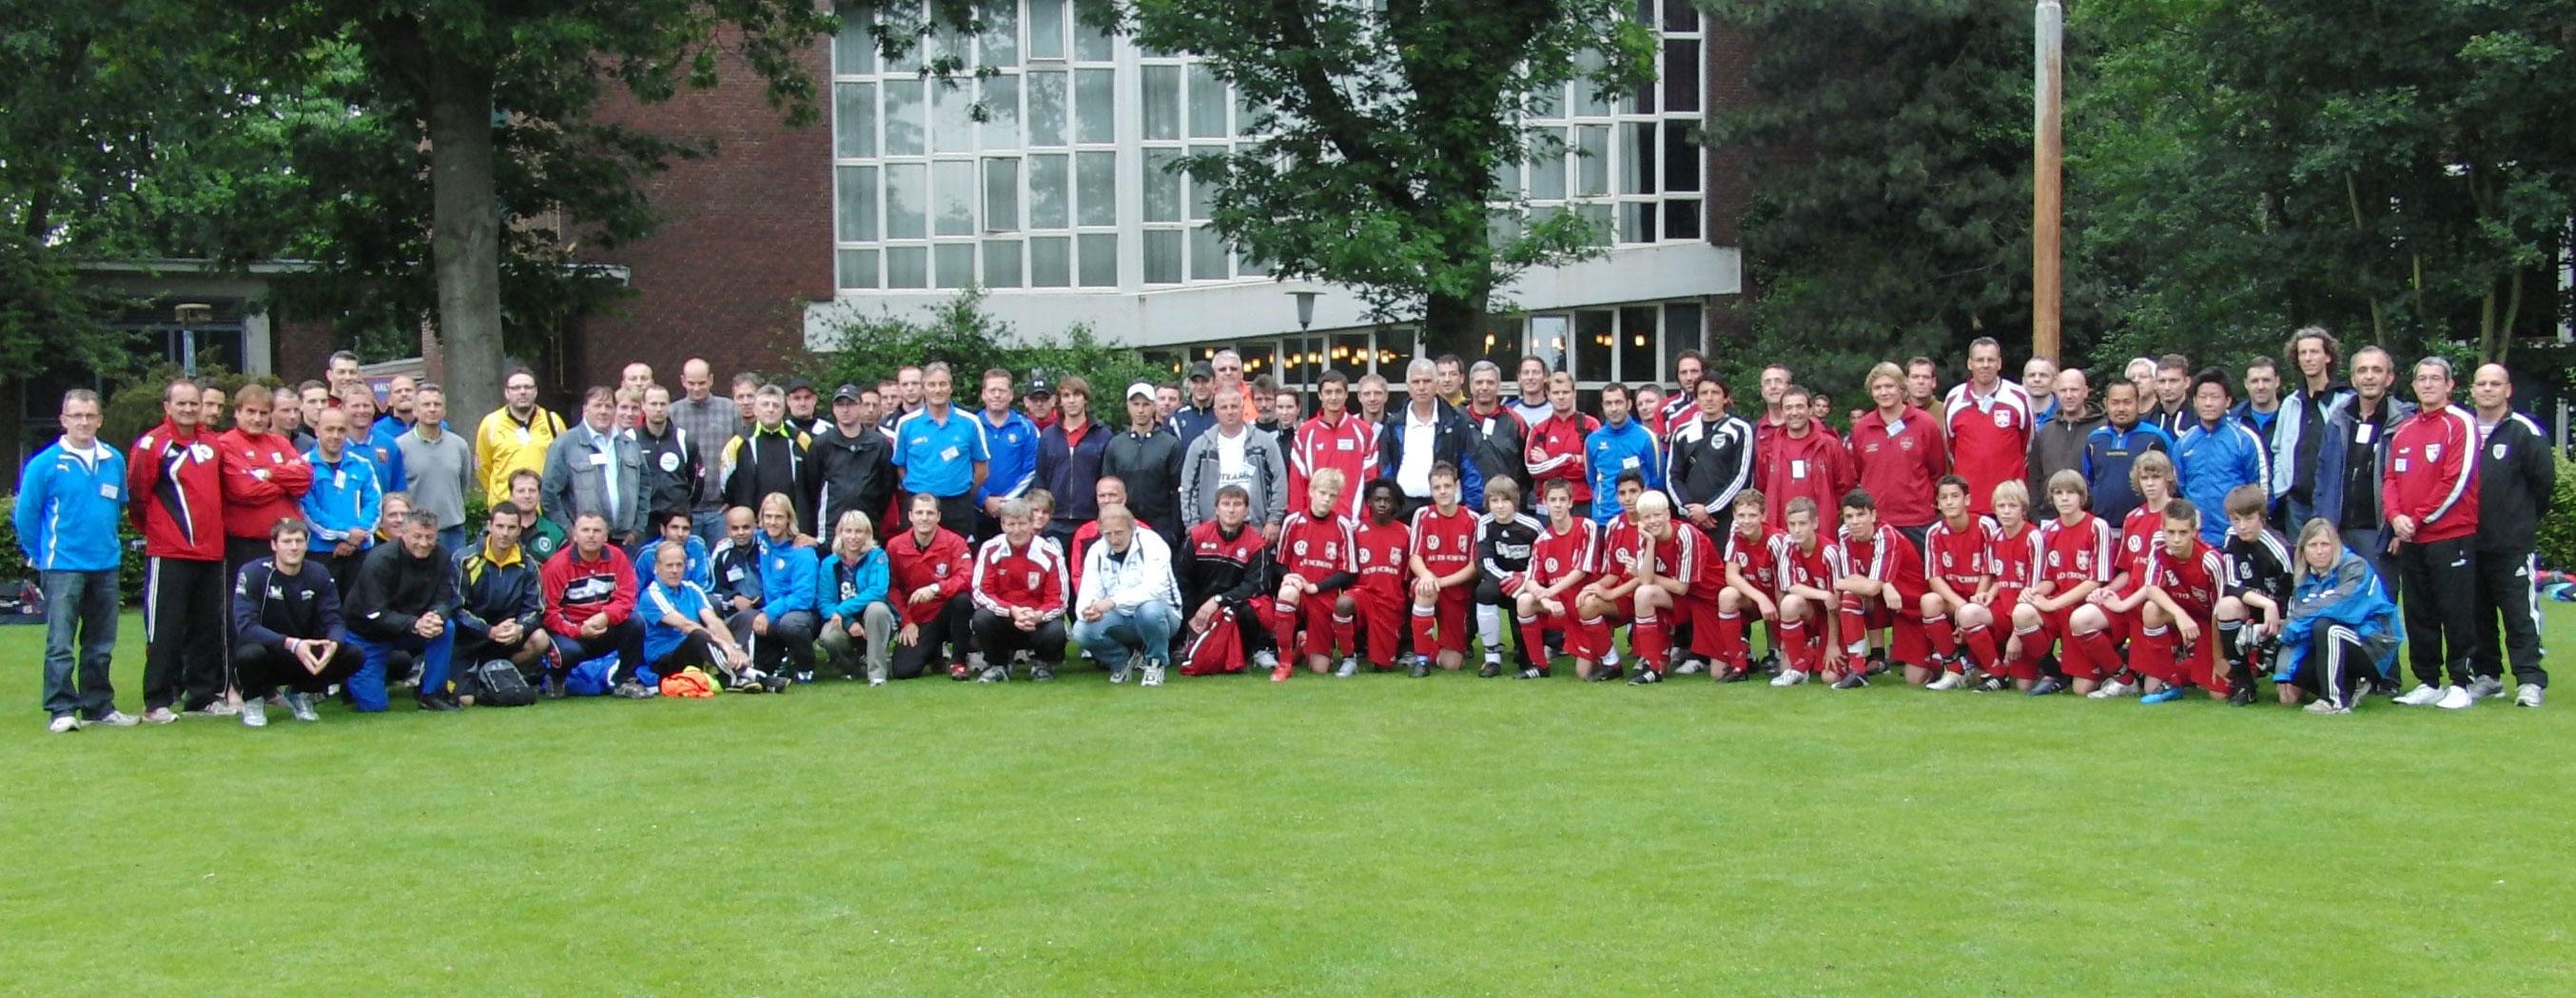 Jugendtrainer 2009